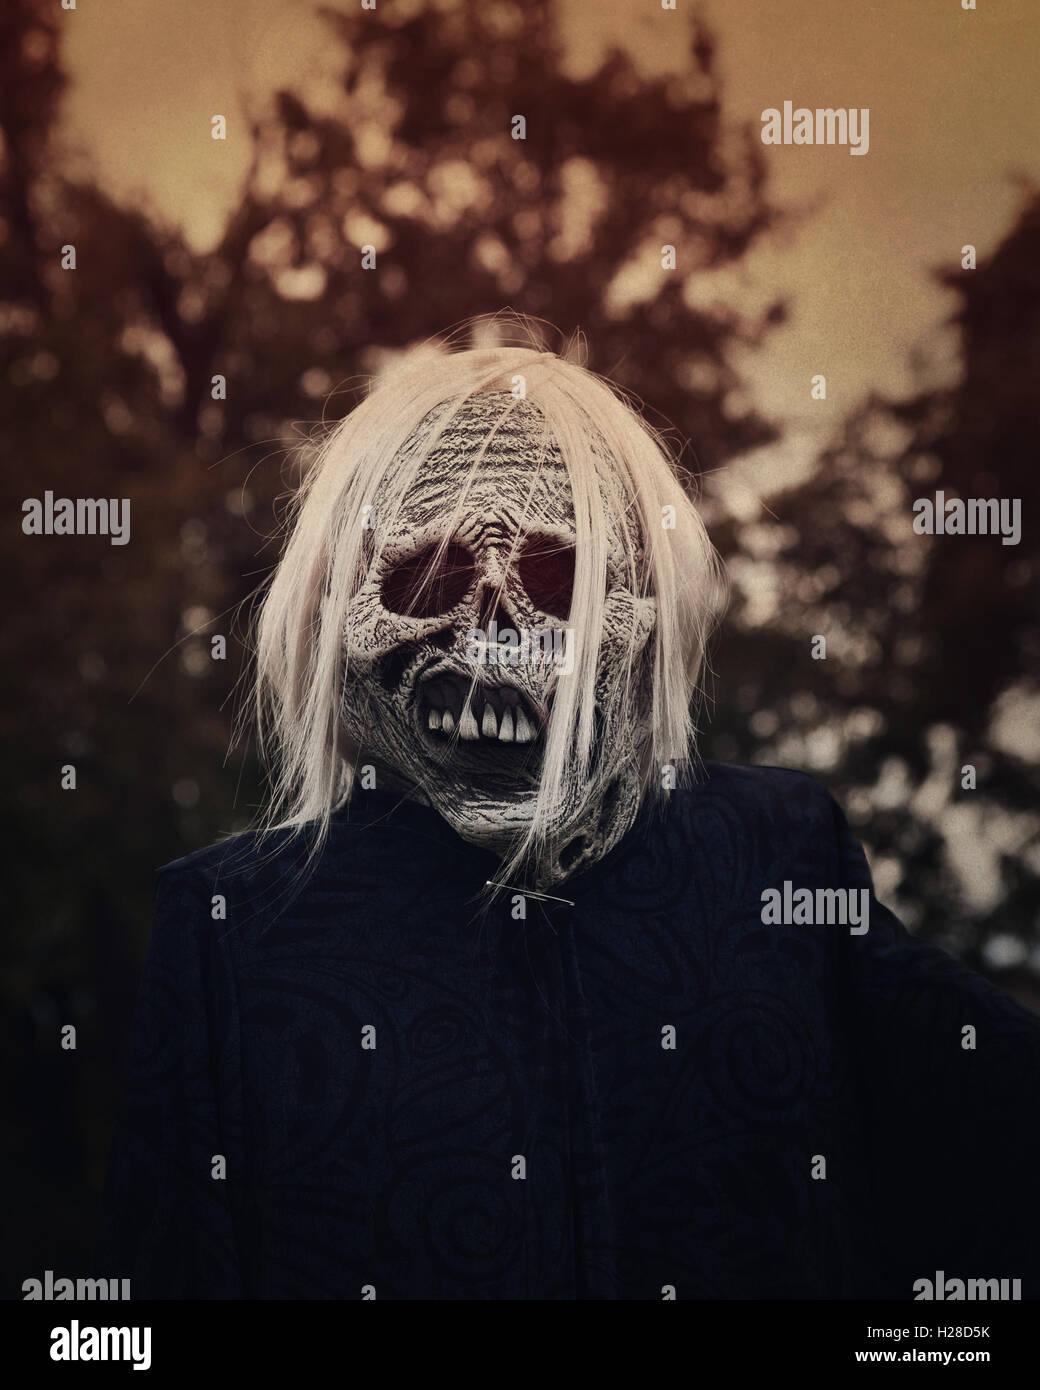 Ein weißer unheimlich Geist Zombie befindet sich außerhalb in der Nacht mit Bäumen im Hintergrund Stockbild